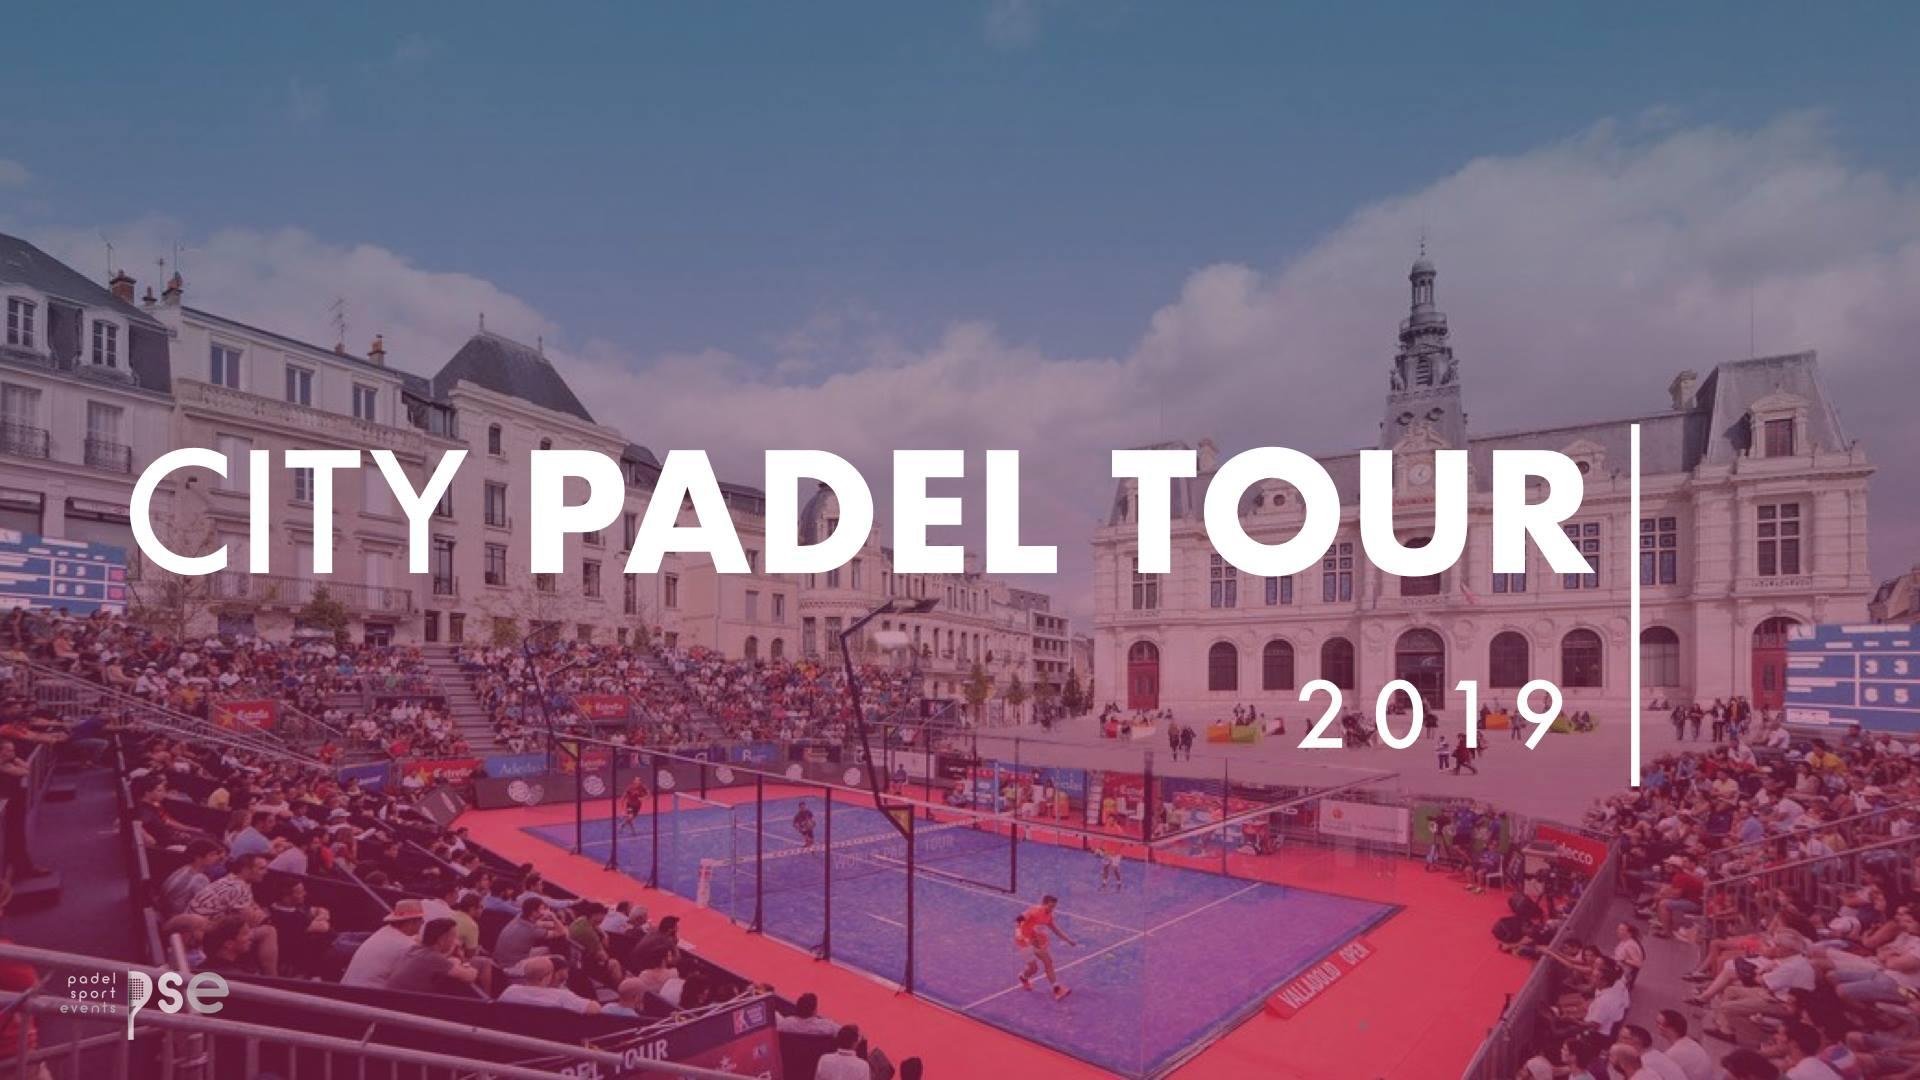 CITY PADEL TOUR 2019 à la recherche de partenaires pour le grand SHOW